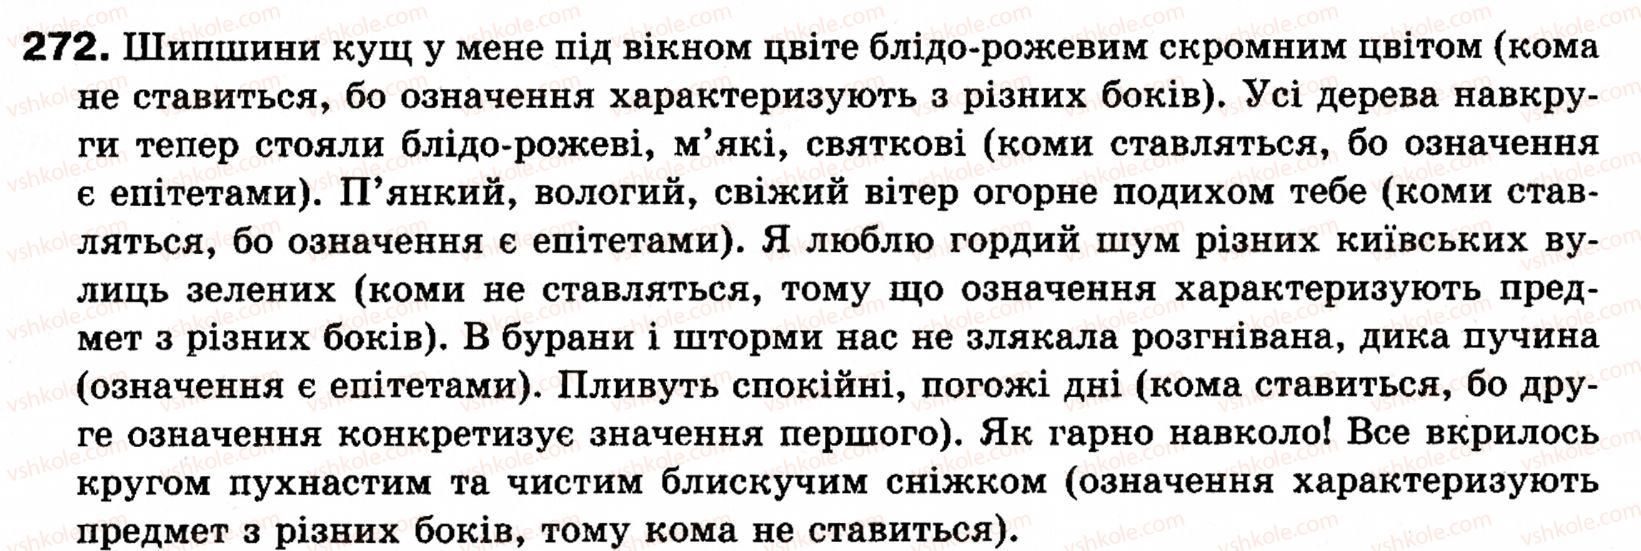 Мови клас глазова 8 української гдз